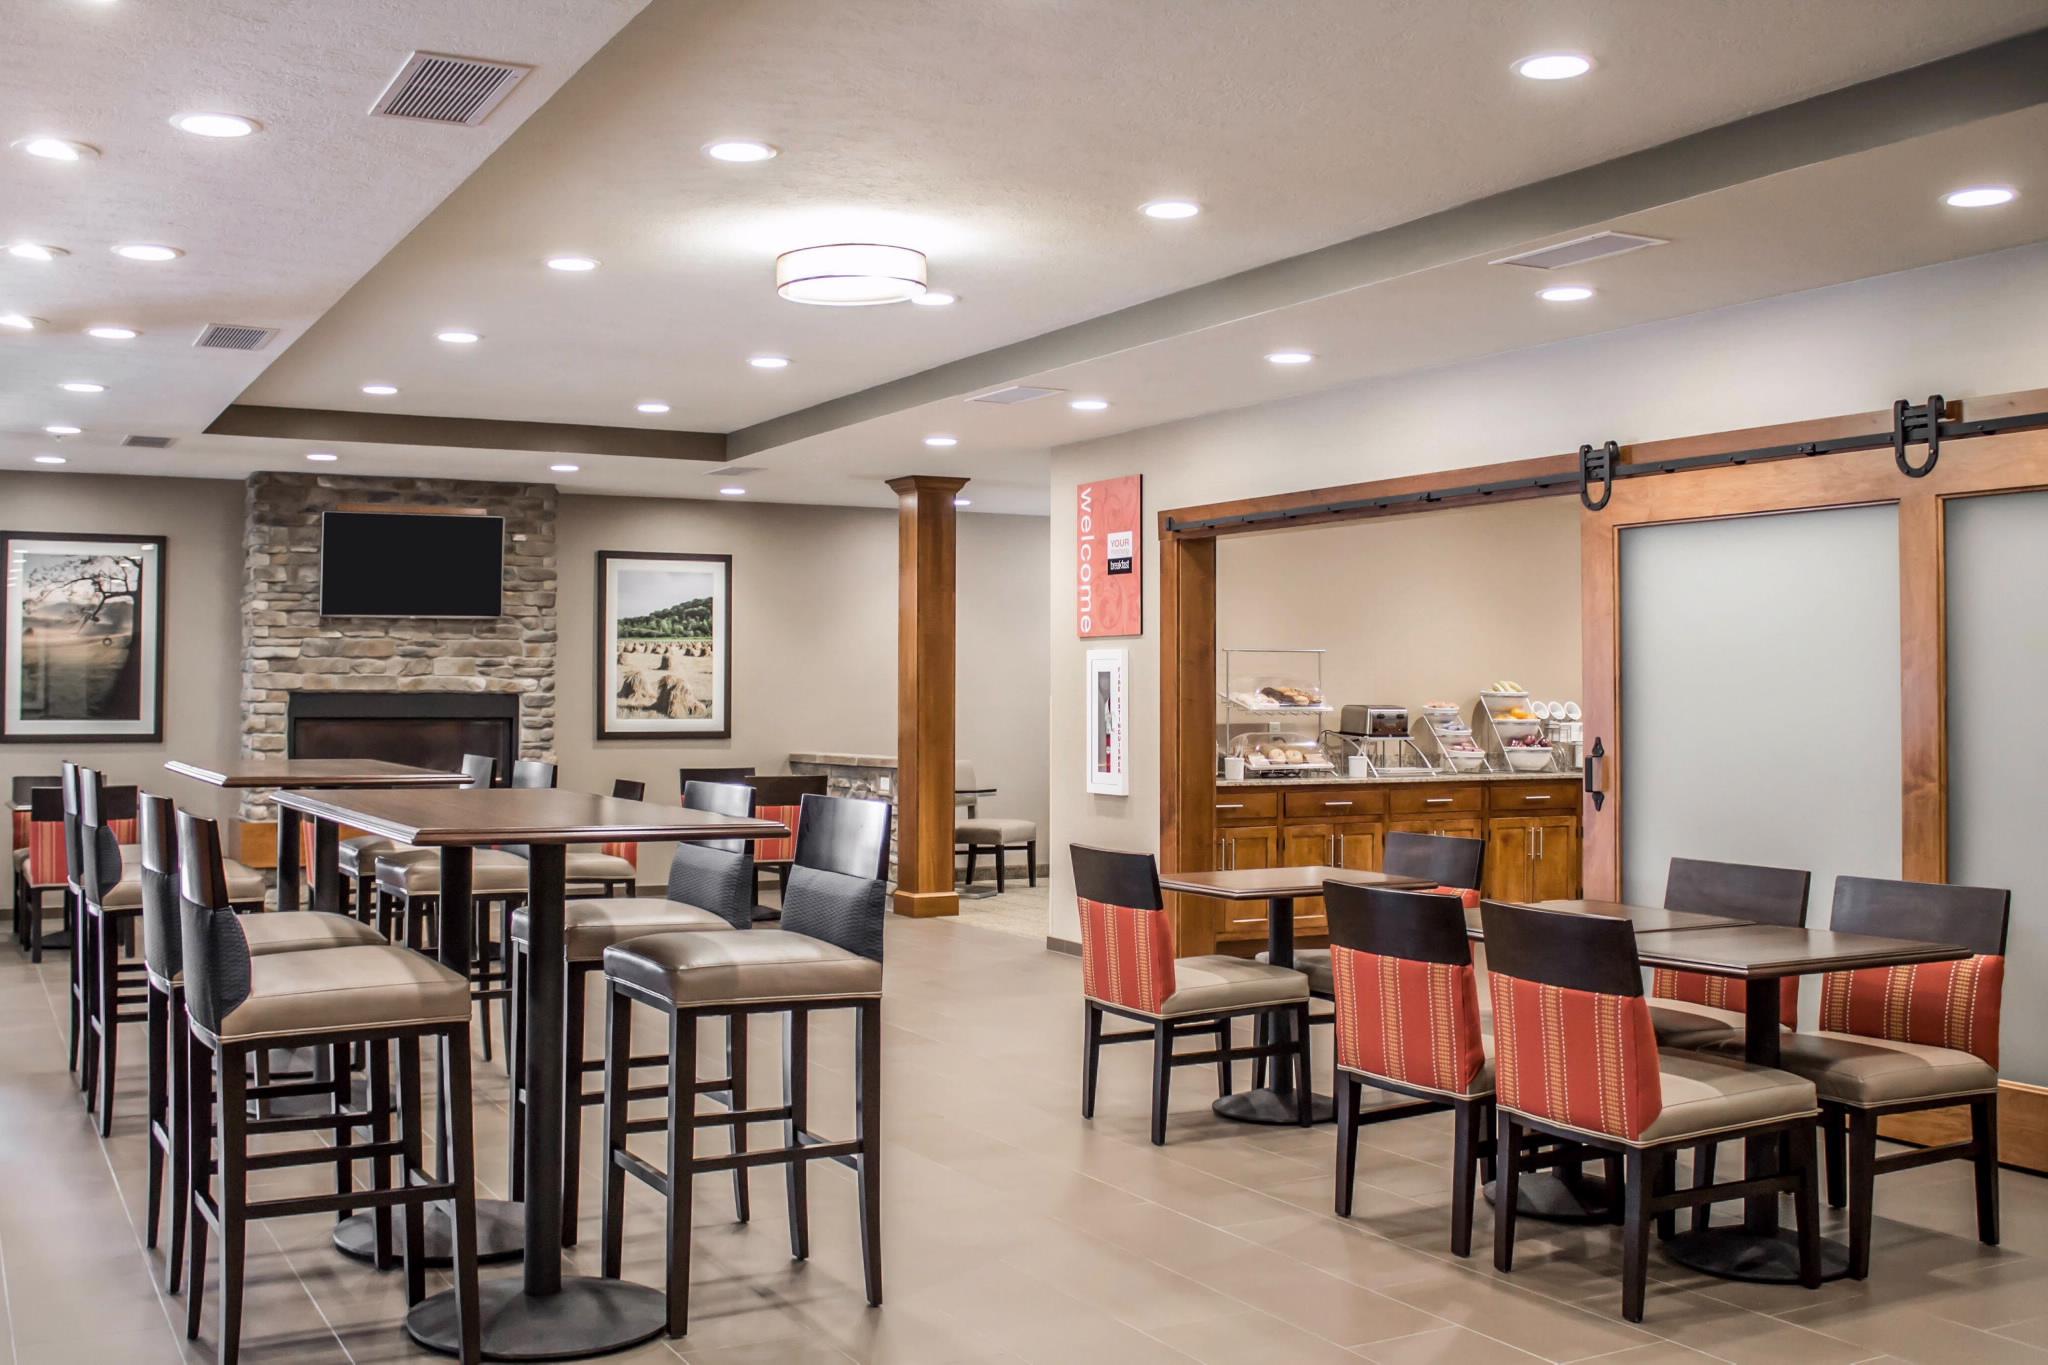 Comfort suites in hartville oh 44632 for Hartville kitchen